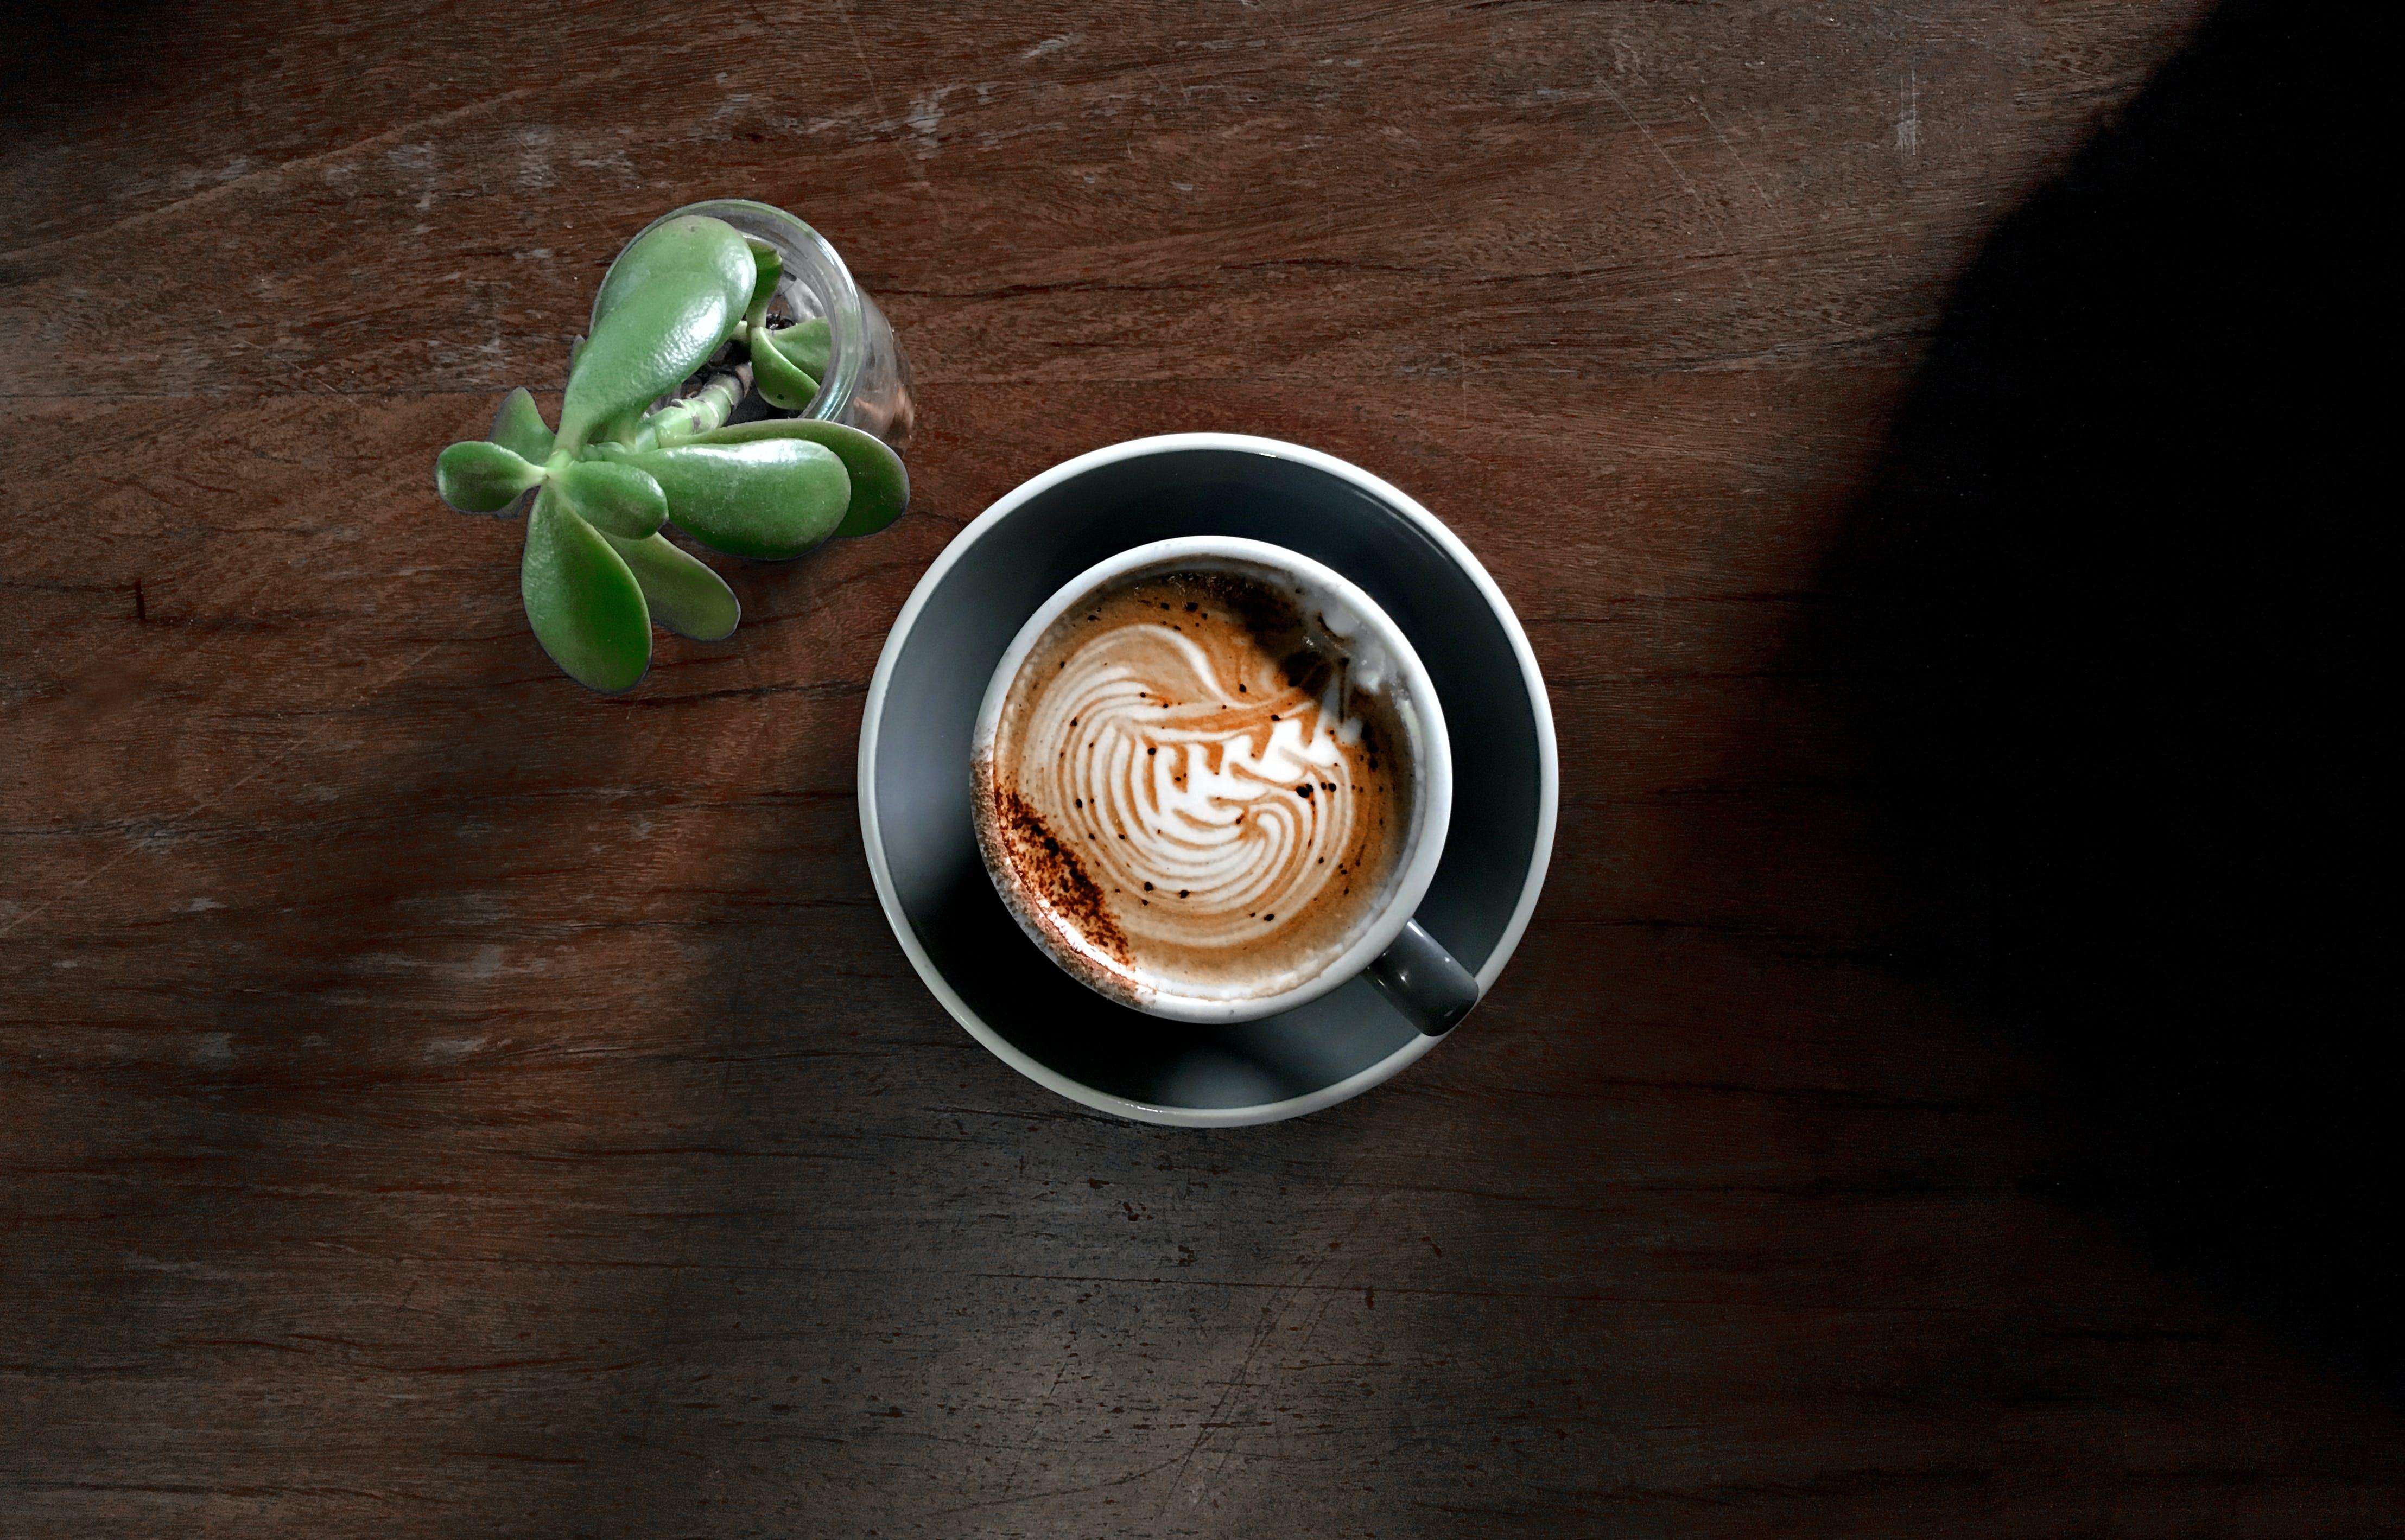 一杯咖啡, 乳液, 卡布奇諾, 咖啡 的 免費圖庫相片